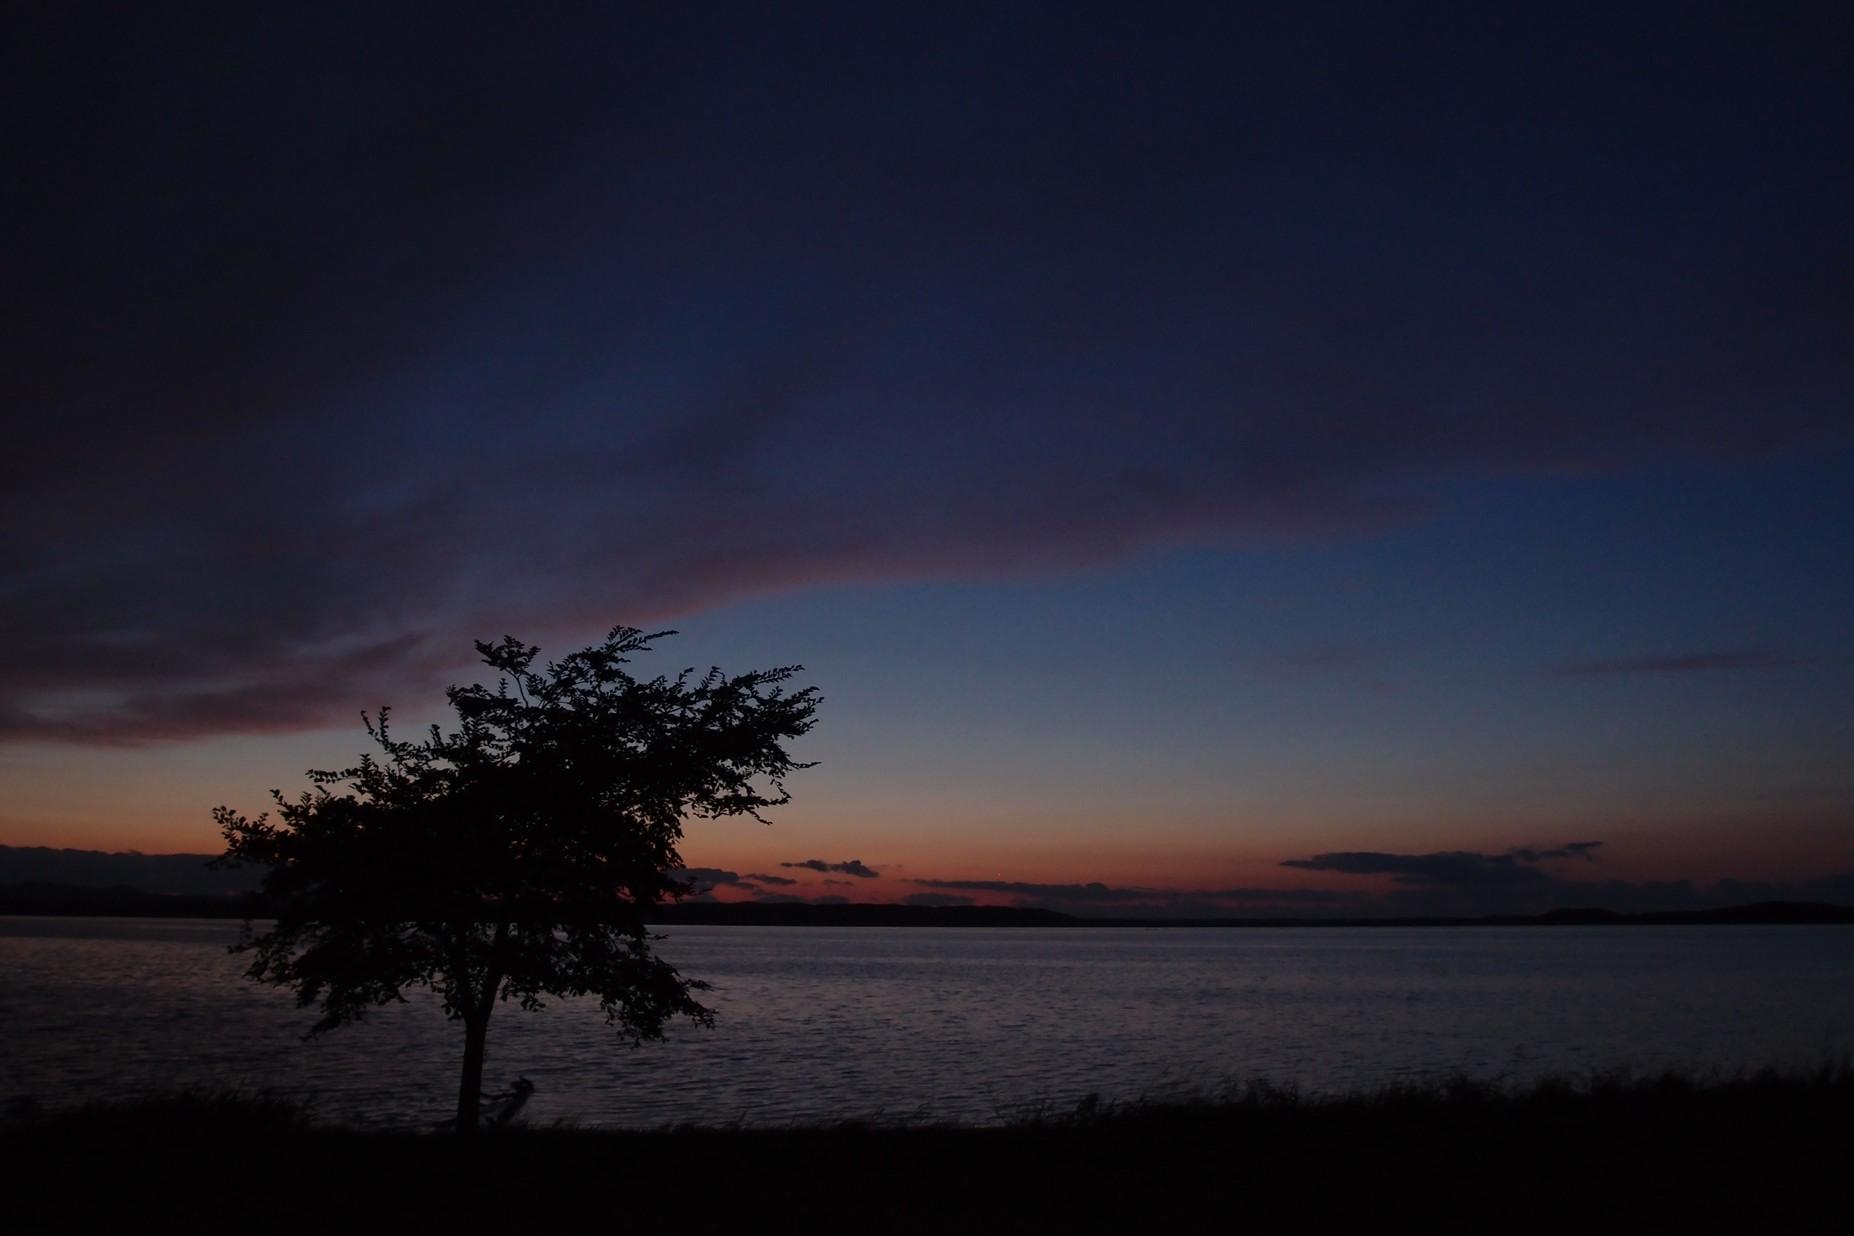 必要最少限のキッチン〜北海道湖畔キャンプ_a0116902_22534187.jpg